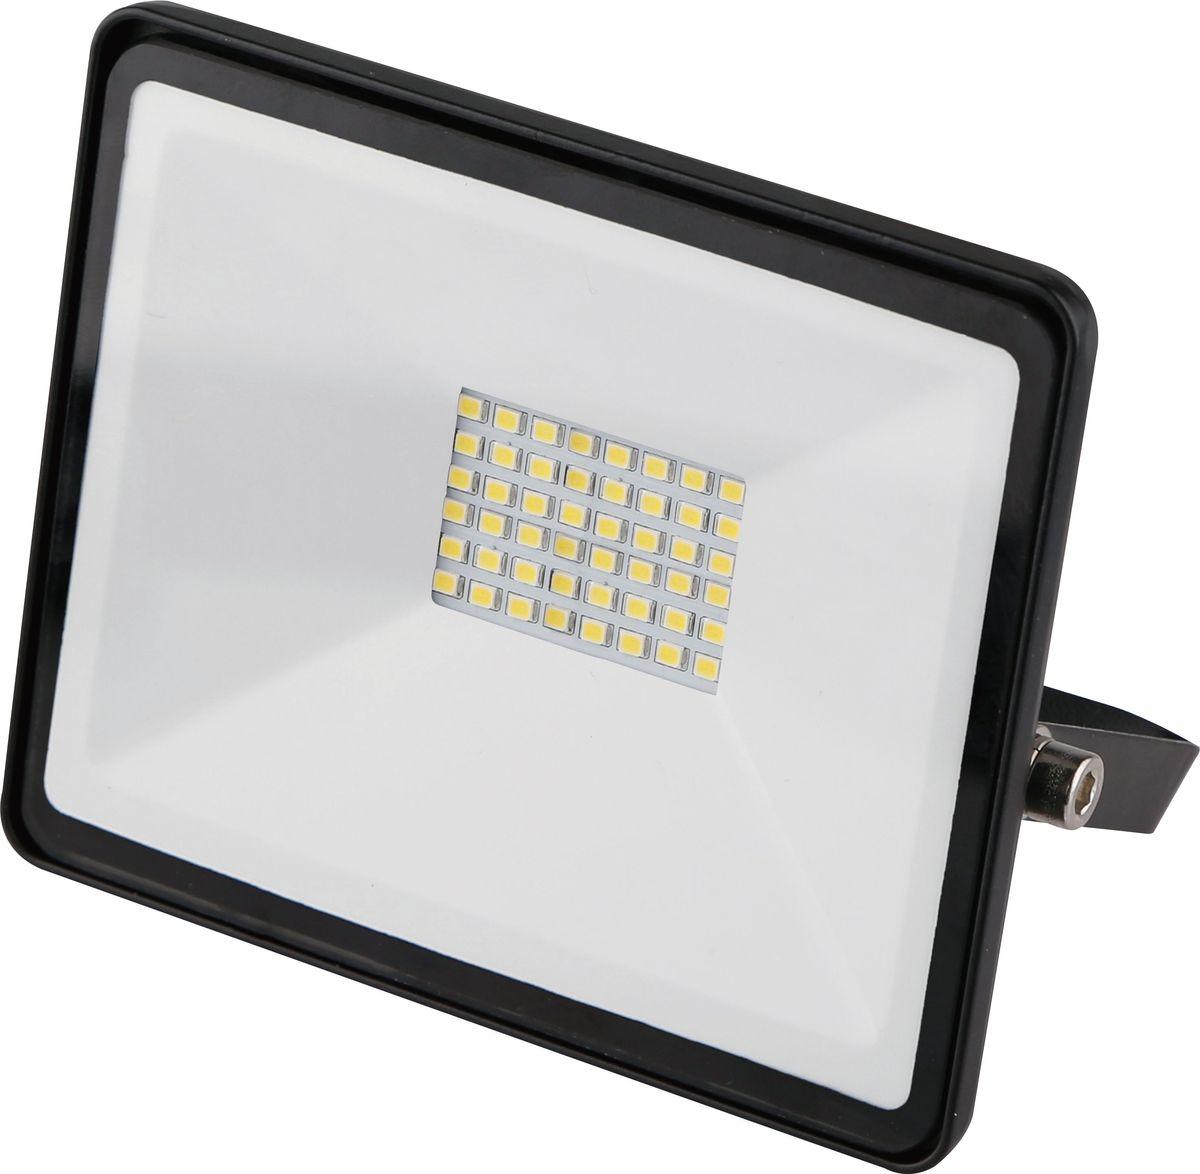 Прожектор светодиодный REV Ultra Slim, 50 W, 6500 К. 32303 732303 7Светодиодный супертонкий прожектор. Предназначен для освещения большого пространства или подсветки объектов и сооружений различного назначения. Корпус прожектора выполнен из металла. В качестве рассеивателя используется ударопрочное прозрачной стекло. Светоотражатель - алюминиевая фольга. Конструкция и применяемые при изготовлении материалы обеспечивают высокую механическую прочность и защиту от пыли и влаги по классу IP65.Потребляемая мощность 50Вт. Эффективность >80Лм/Вт. Прожектор крепится к монтажной поверхности стальной опорной скобой, которая обеспечивает простой монтаж и степень свободы при направлении корпуса изделия.